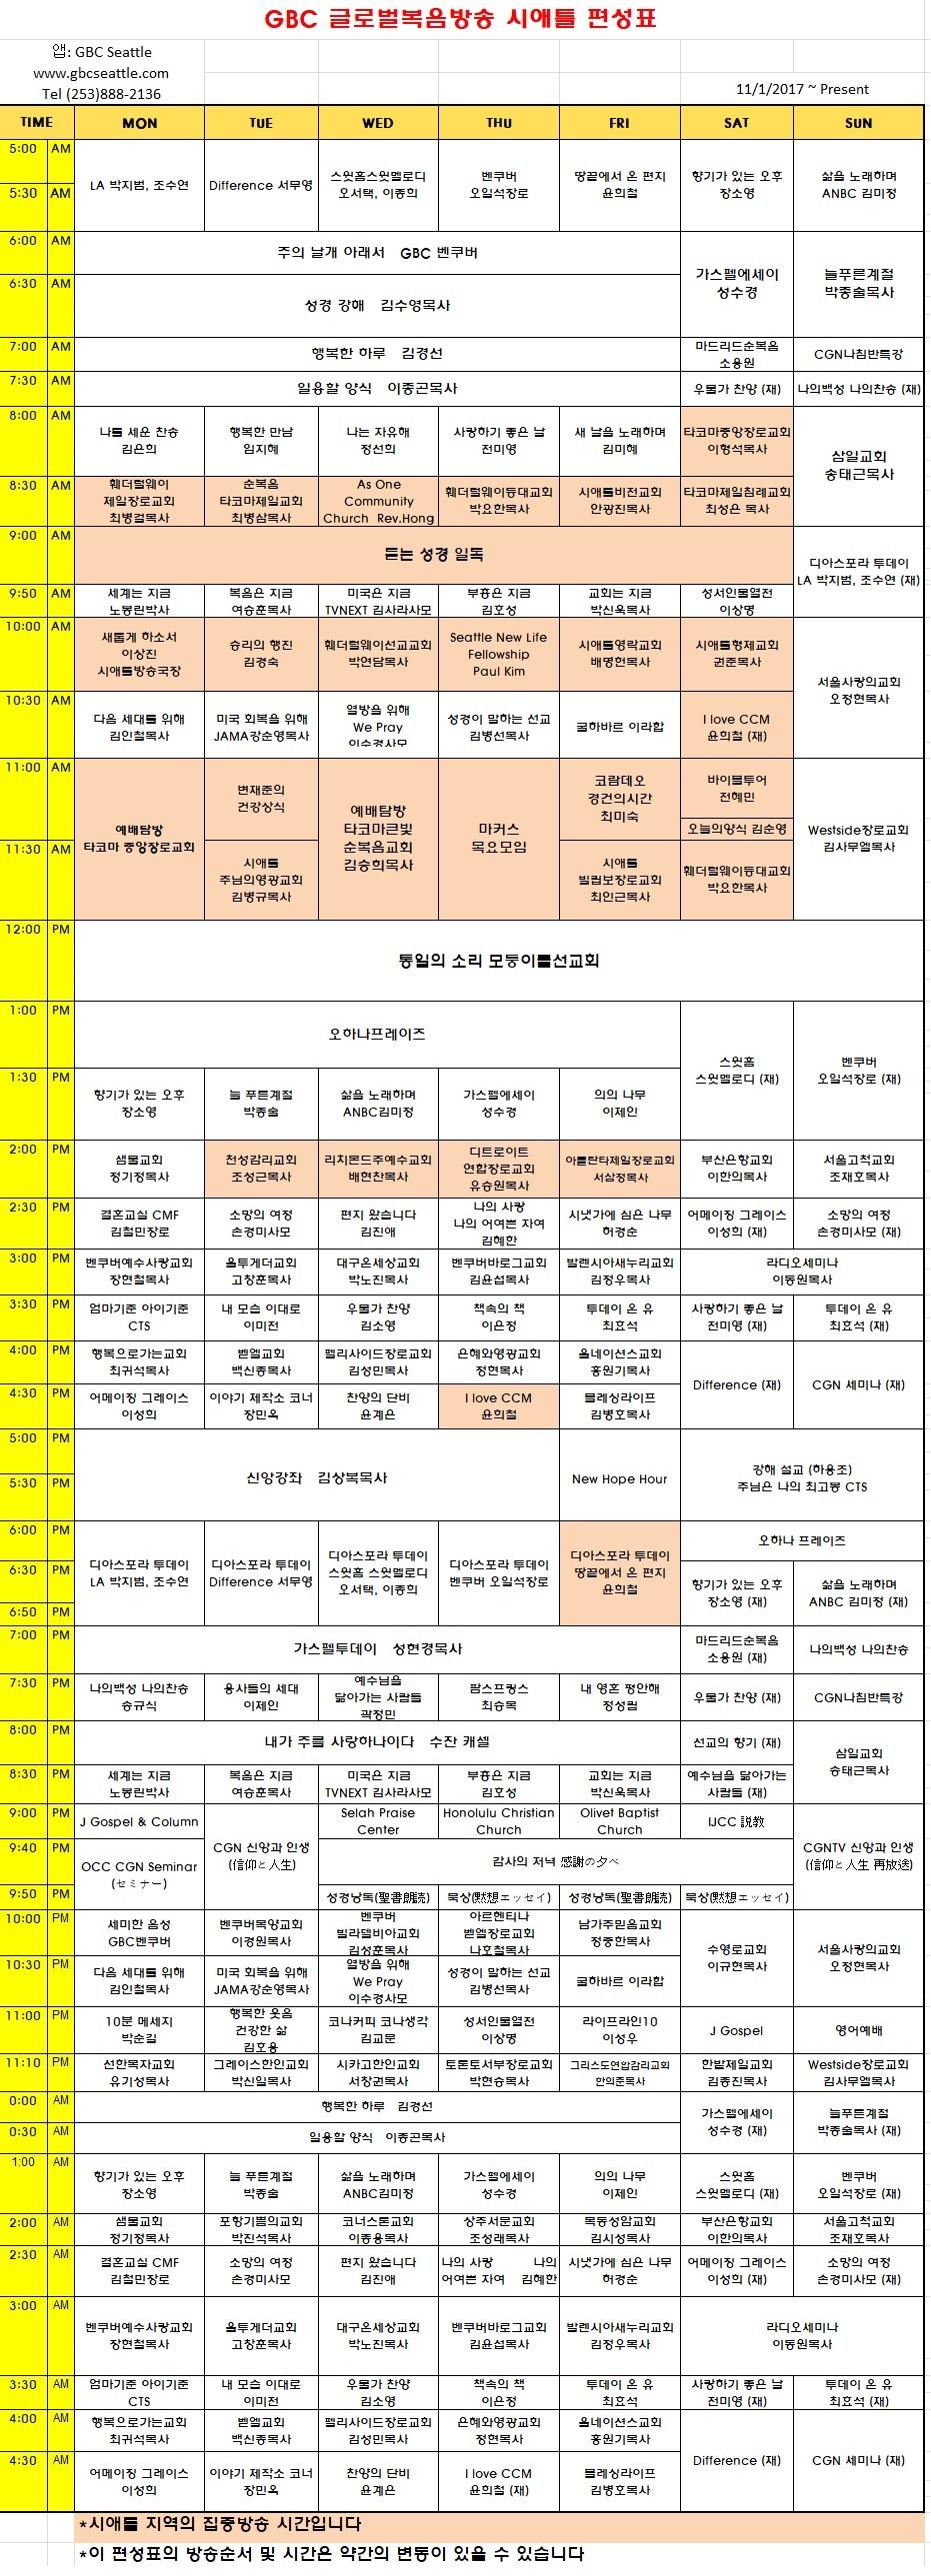 2017년11월글로벌복음방송편성표.jpg